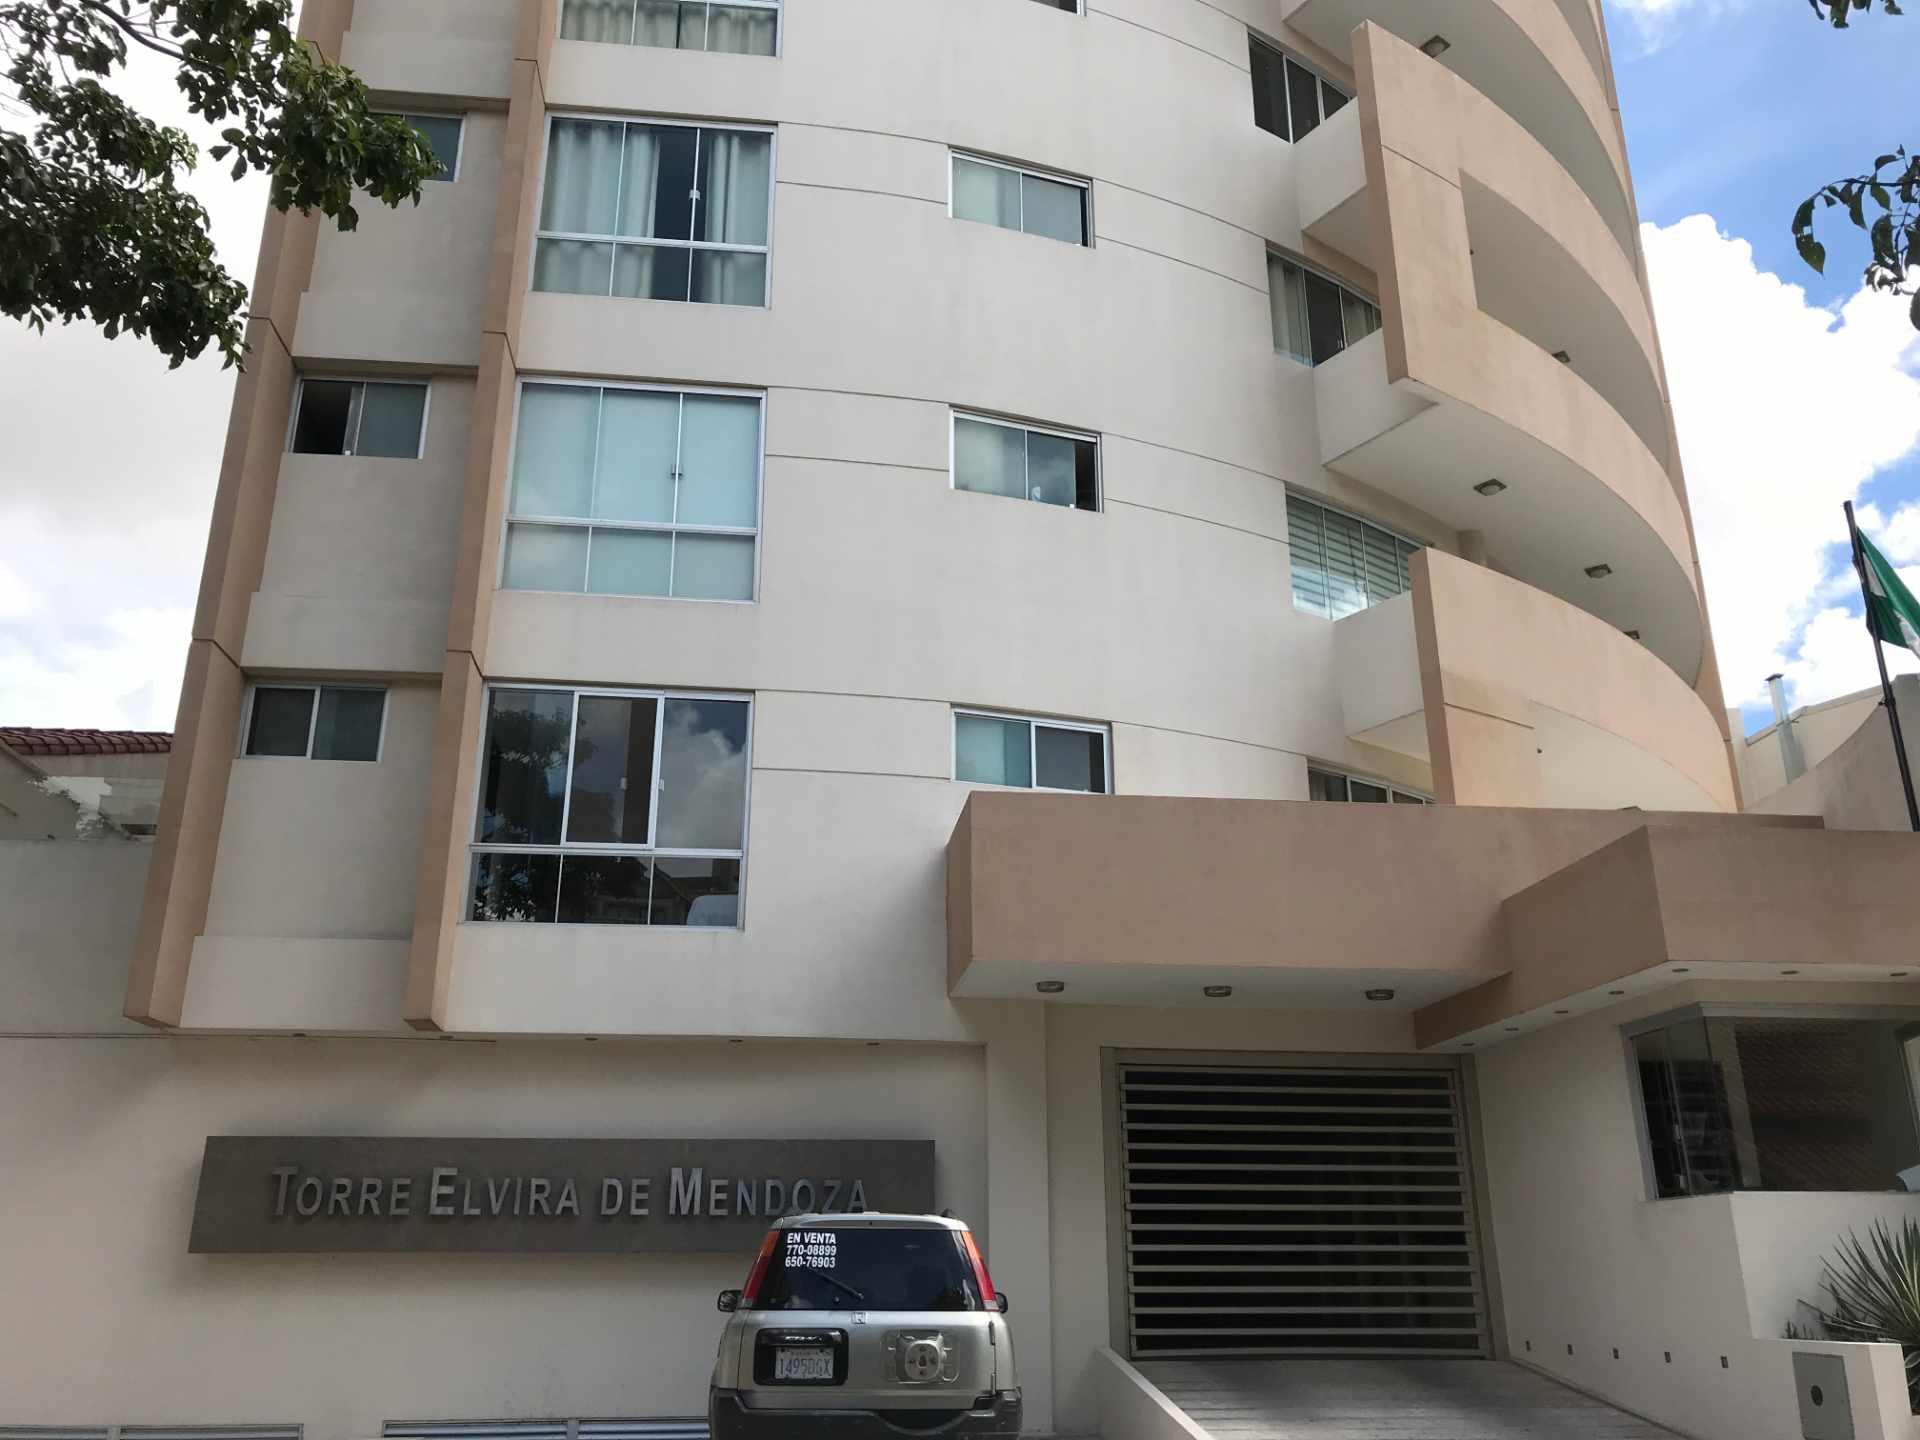 Departamento en Venta Torre Elvira de Mendoza, sobre c/Elvira de Mendoza entre Av. Las Américas y c/Monseñor Santistevan. Foto 8